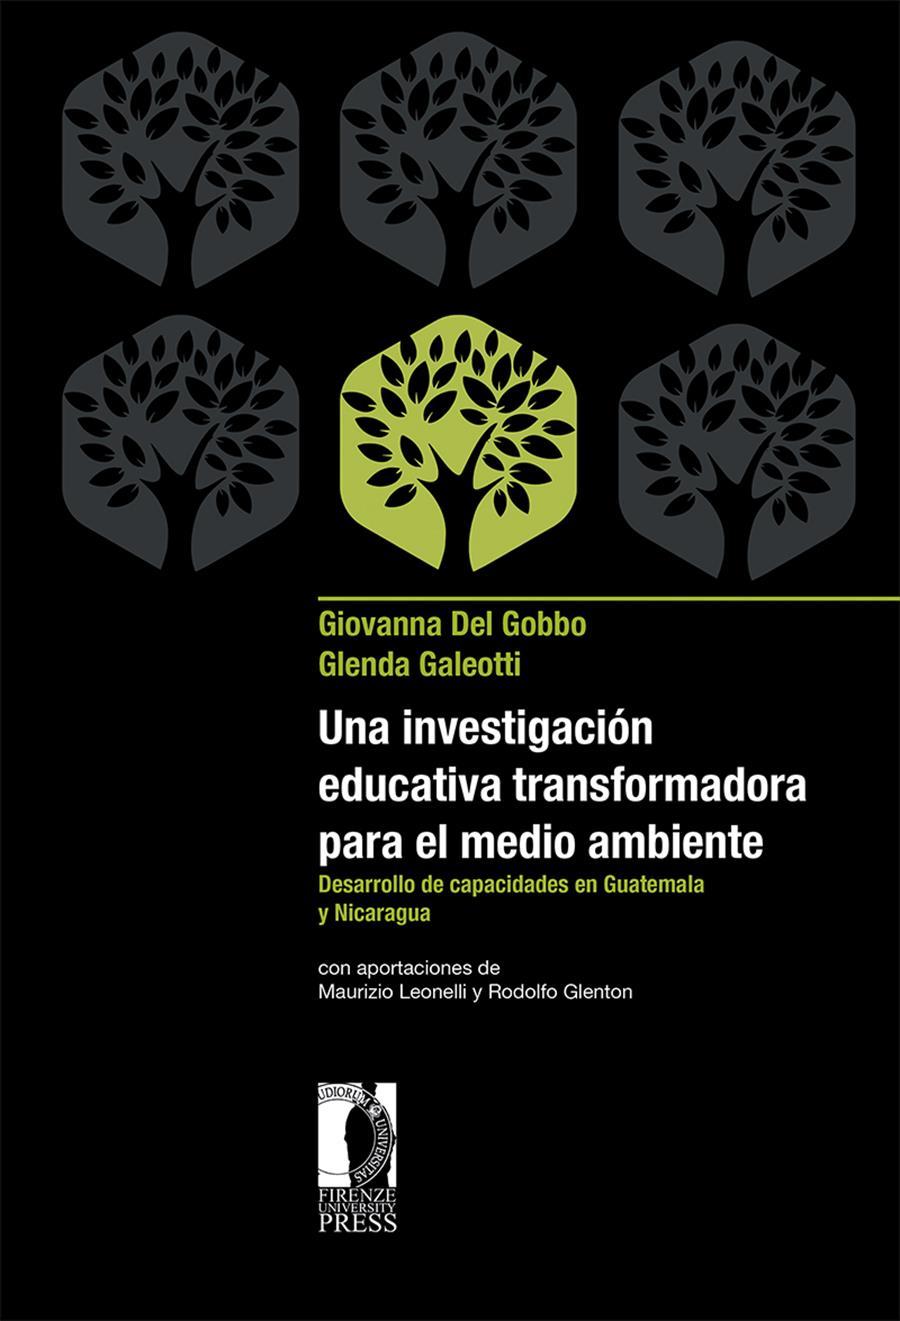 Una investigación educativa y transformadora para el medio ambiente